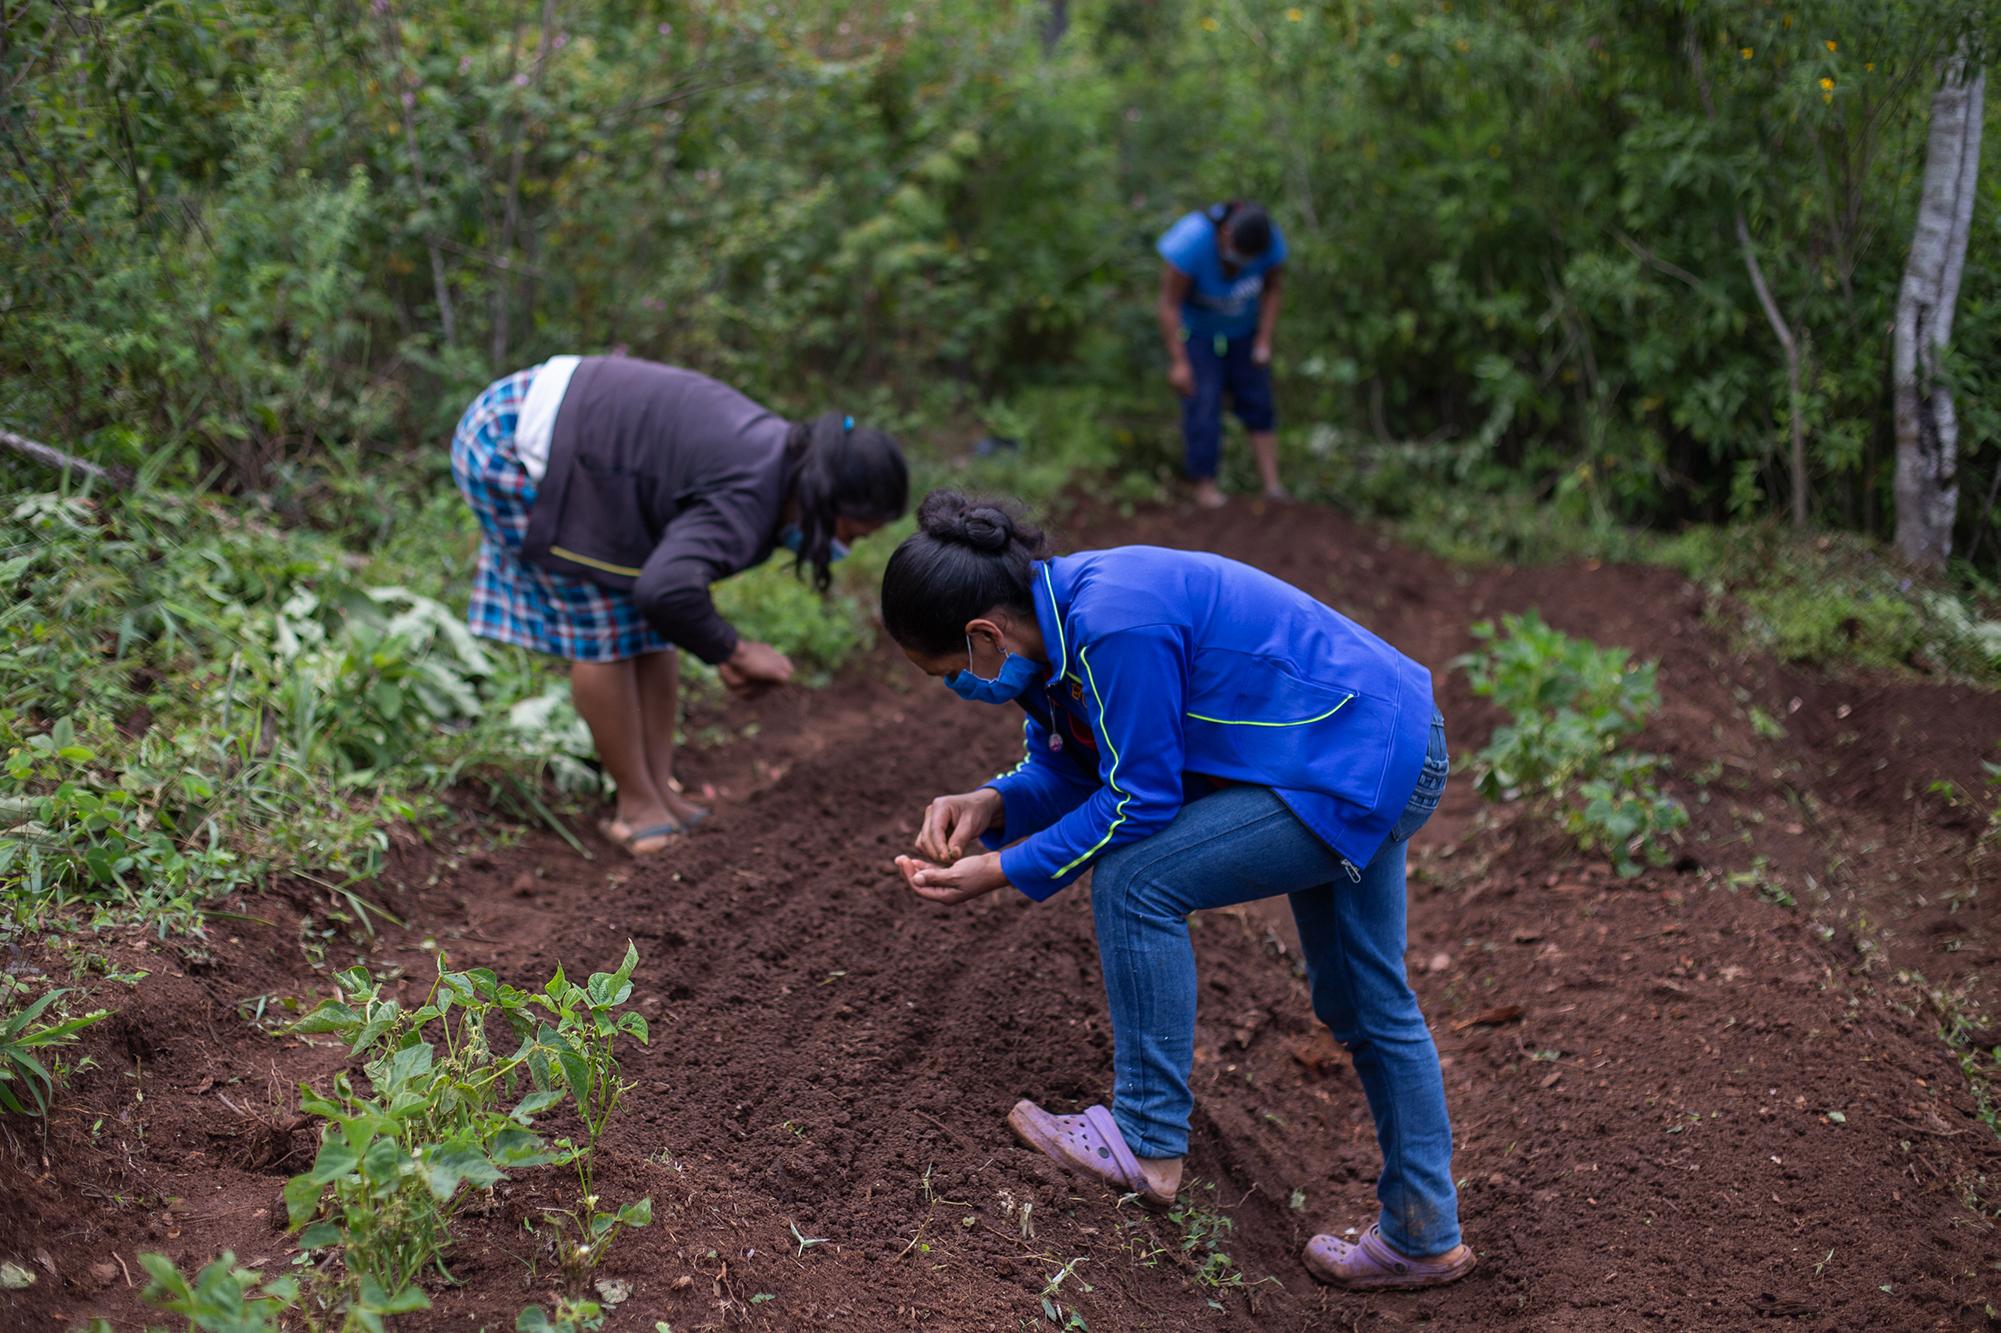 Un grupo de mujeres siembra semillas de rábano. Santa Elena, La Paz, 21 de octubre de 2020. Foto: Martín Cálix.